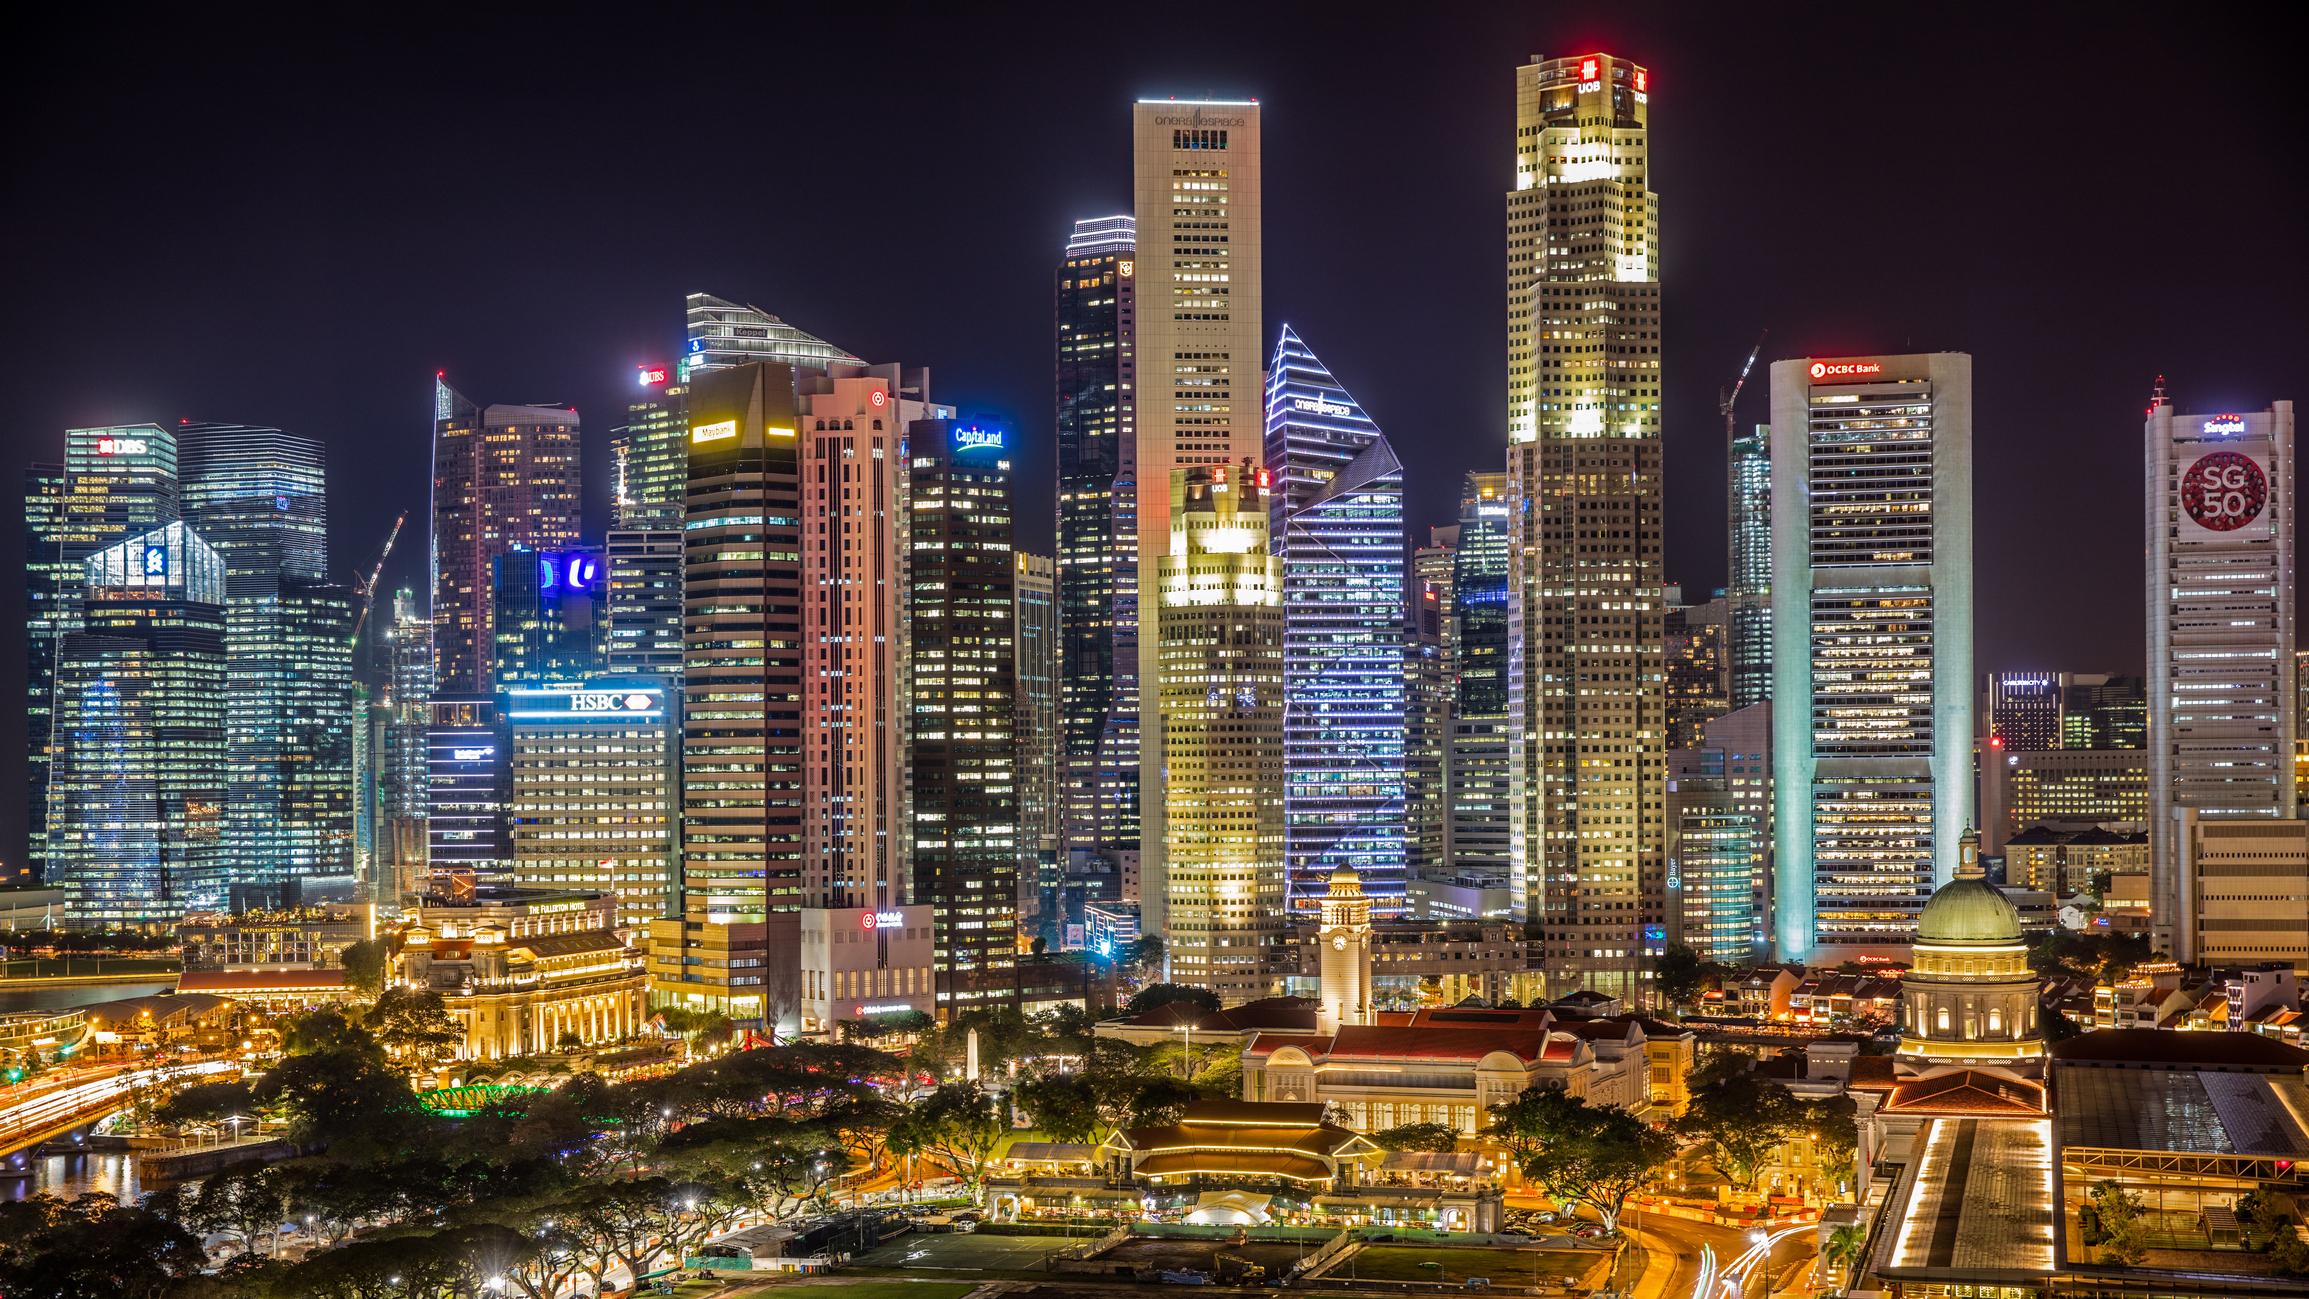 Singapore Skyline Business District Panorama at Night